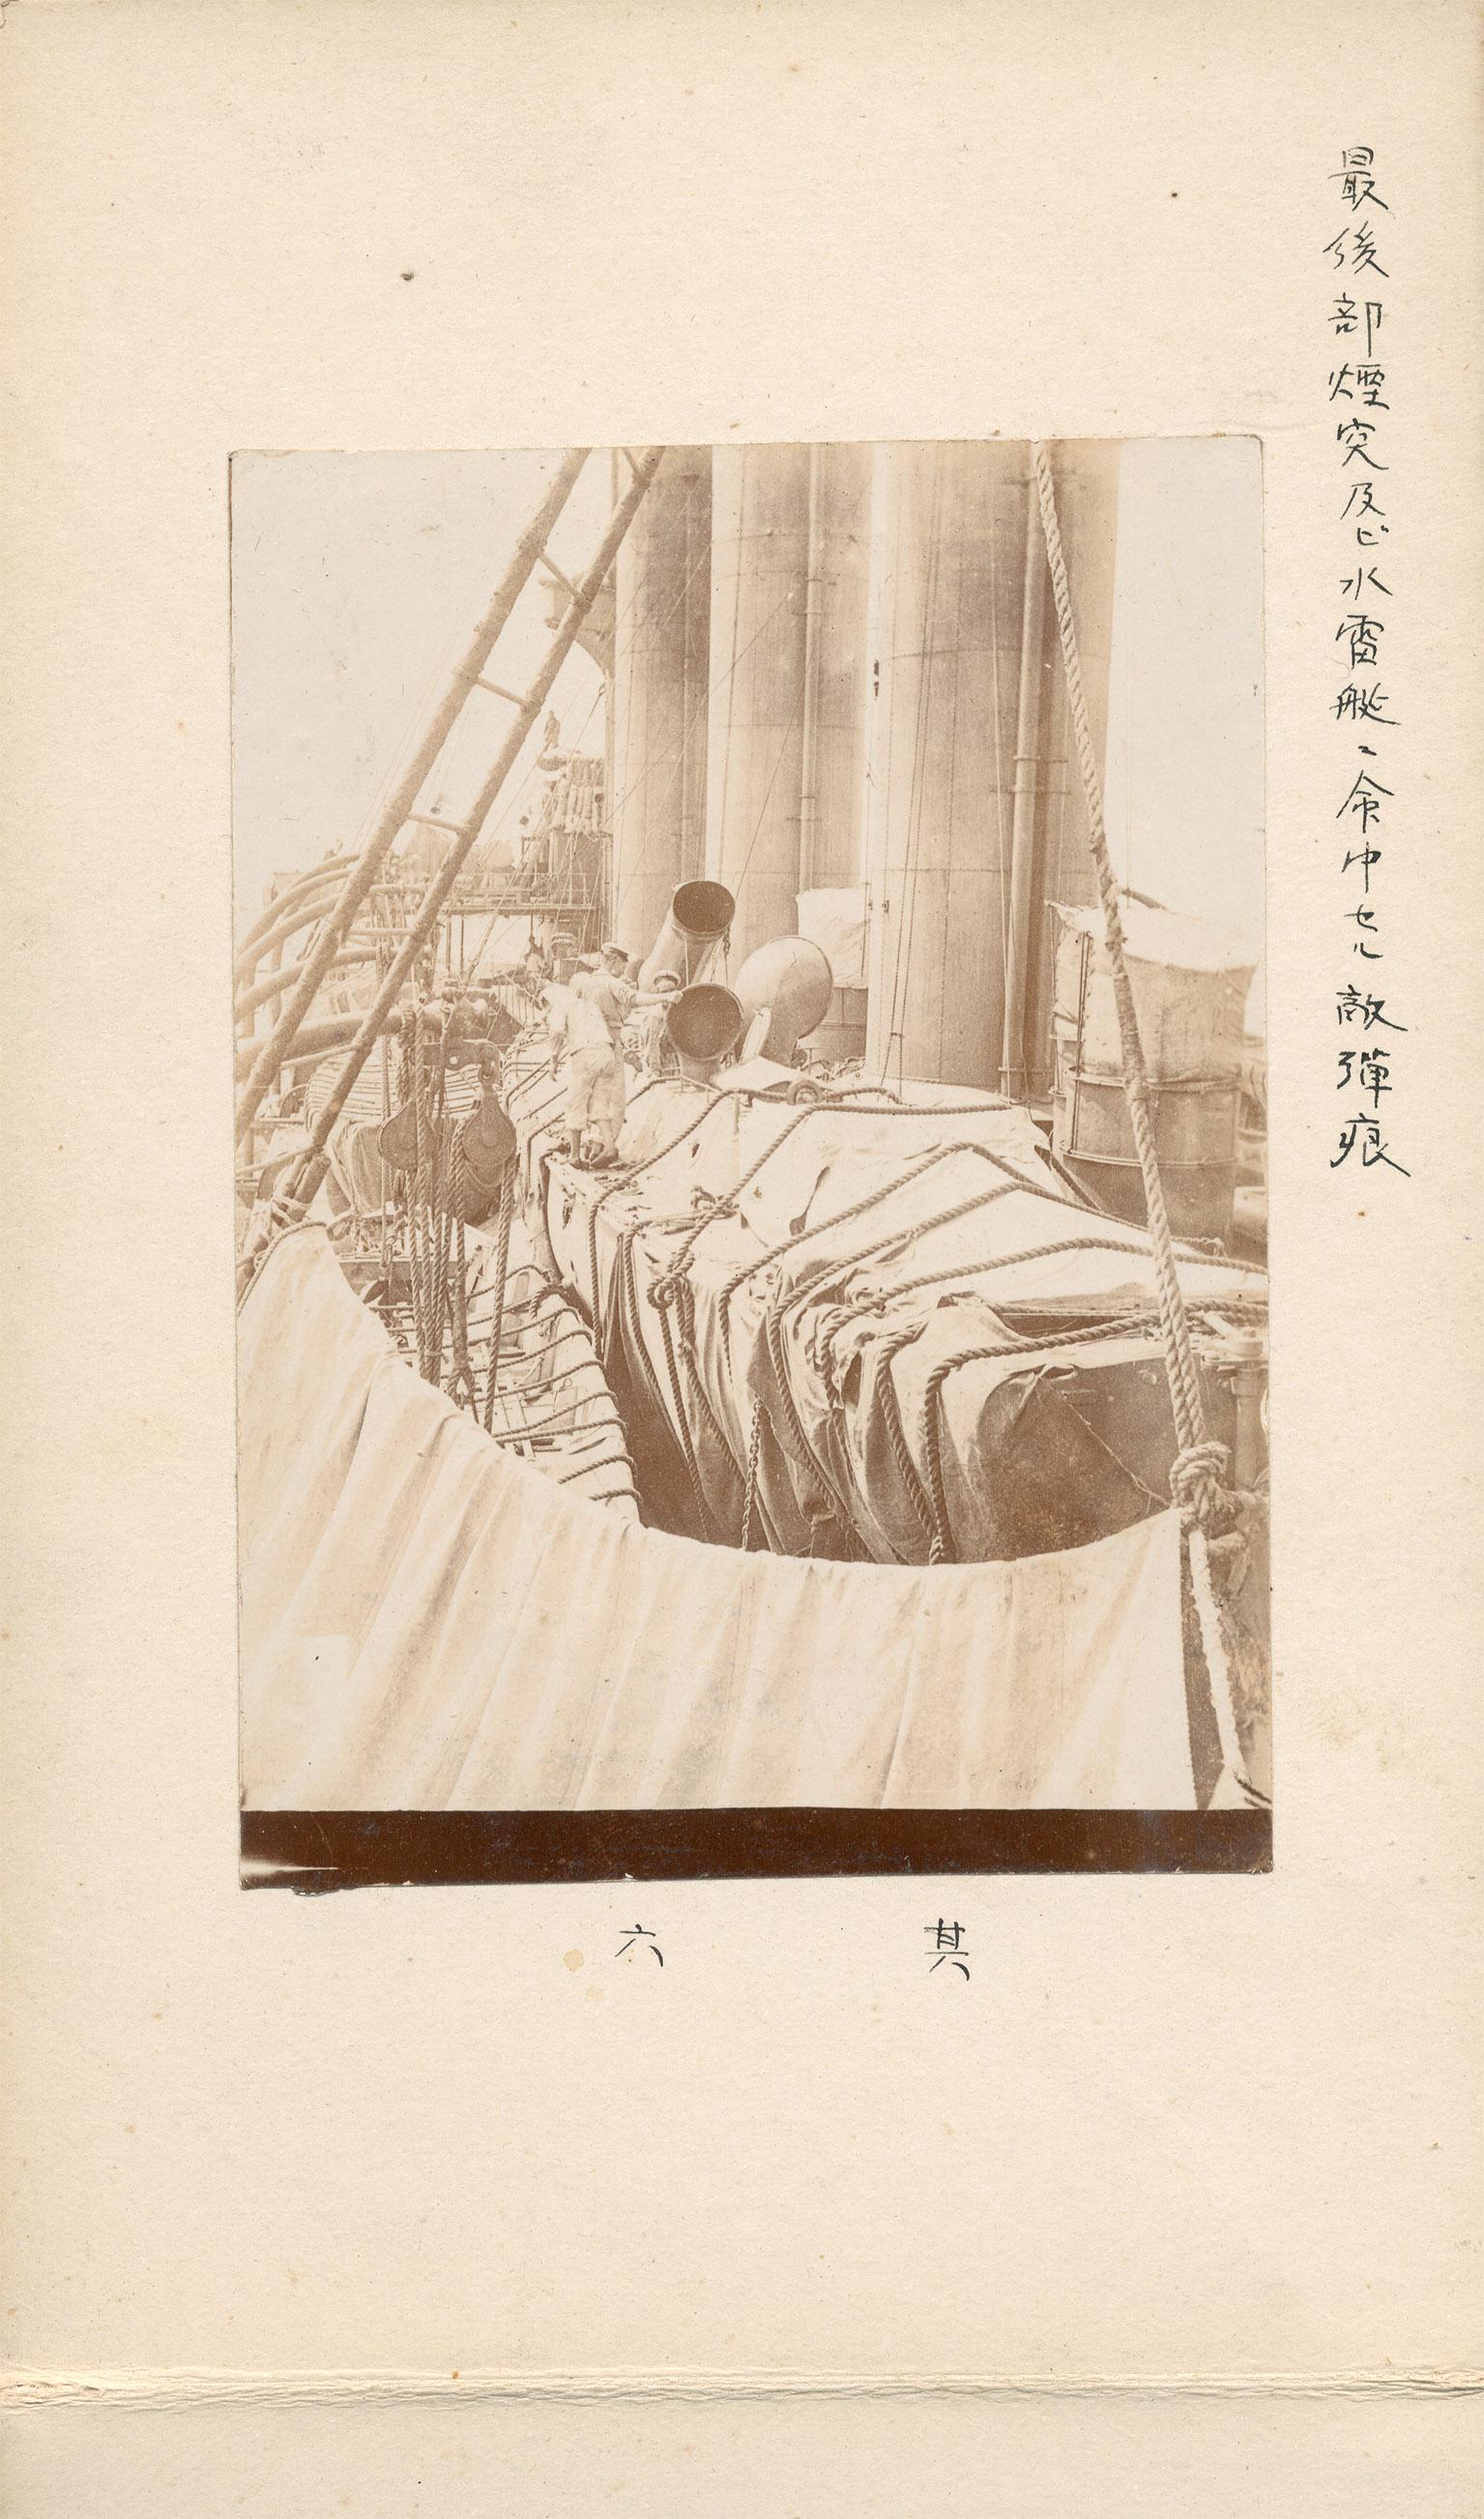 yoshimoto027